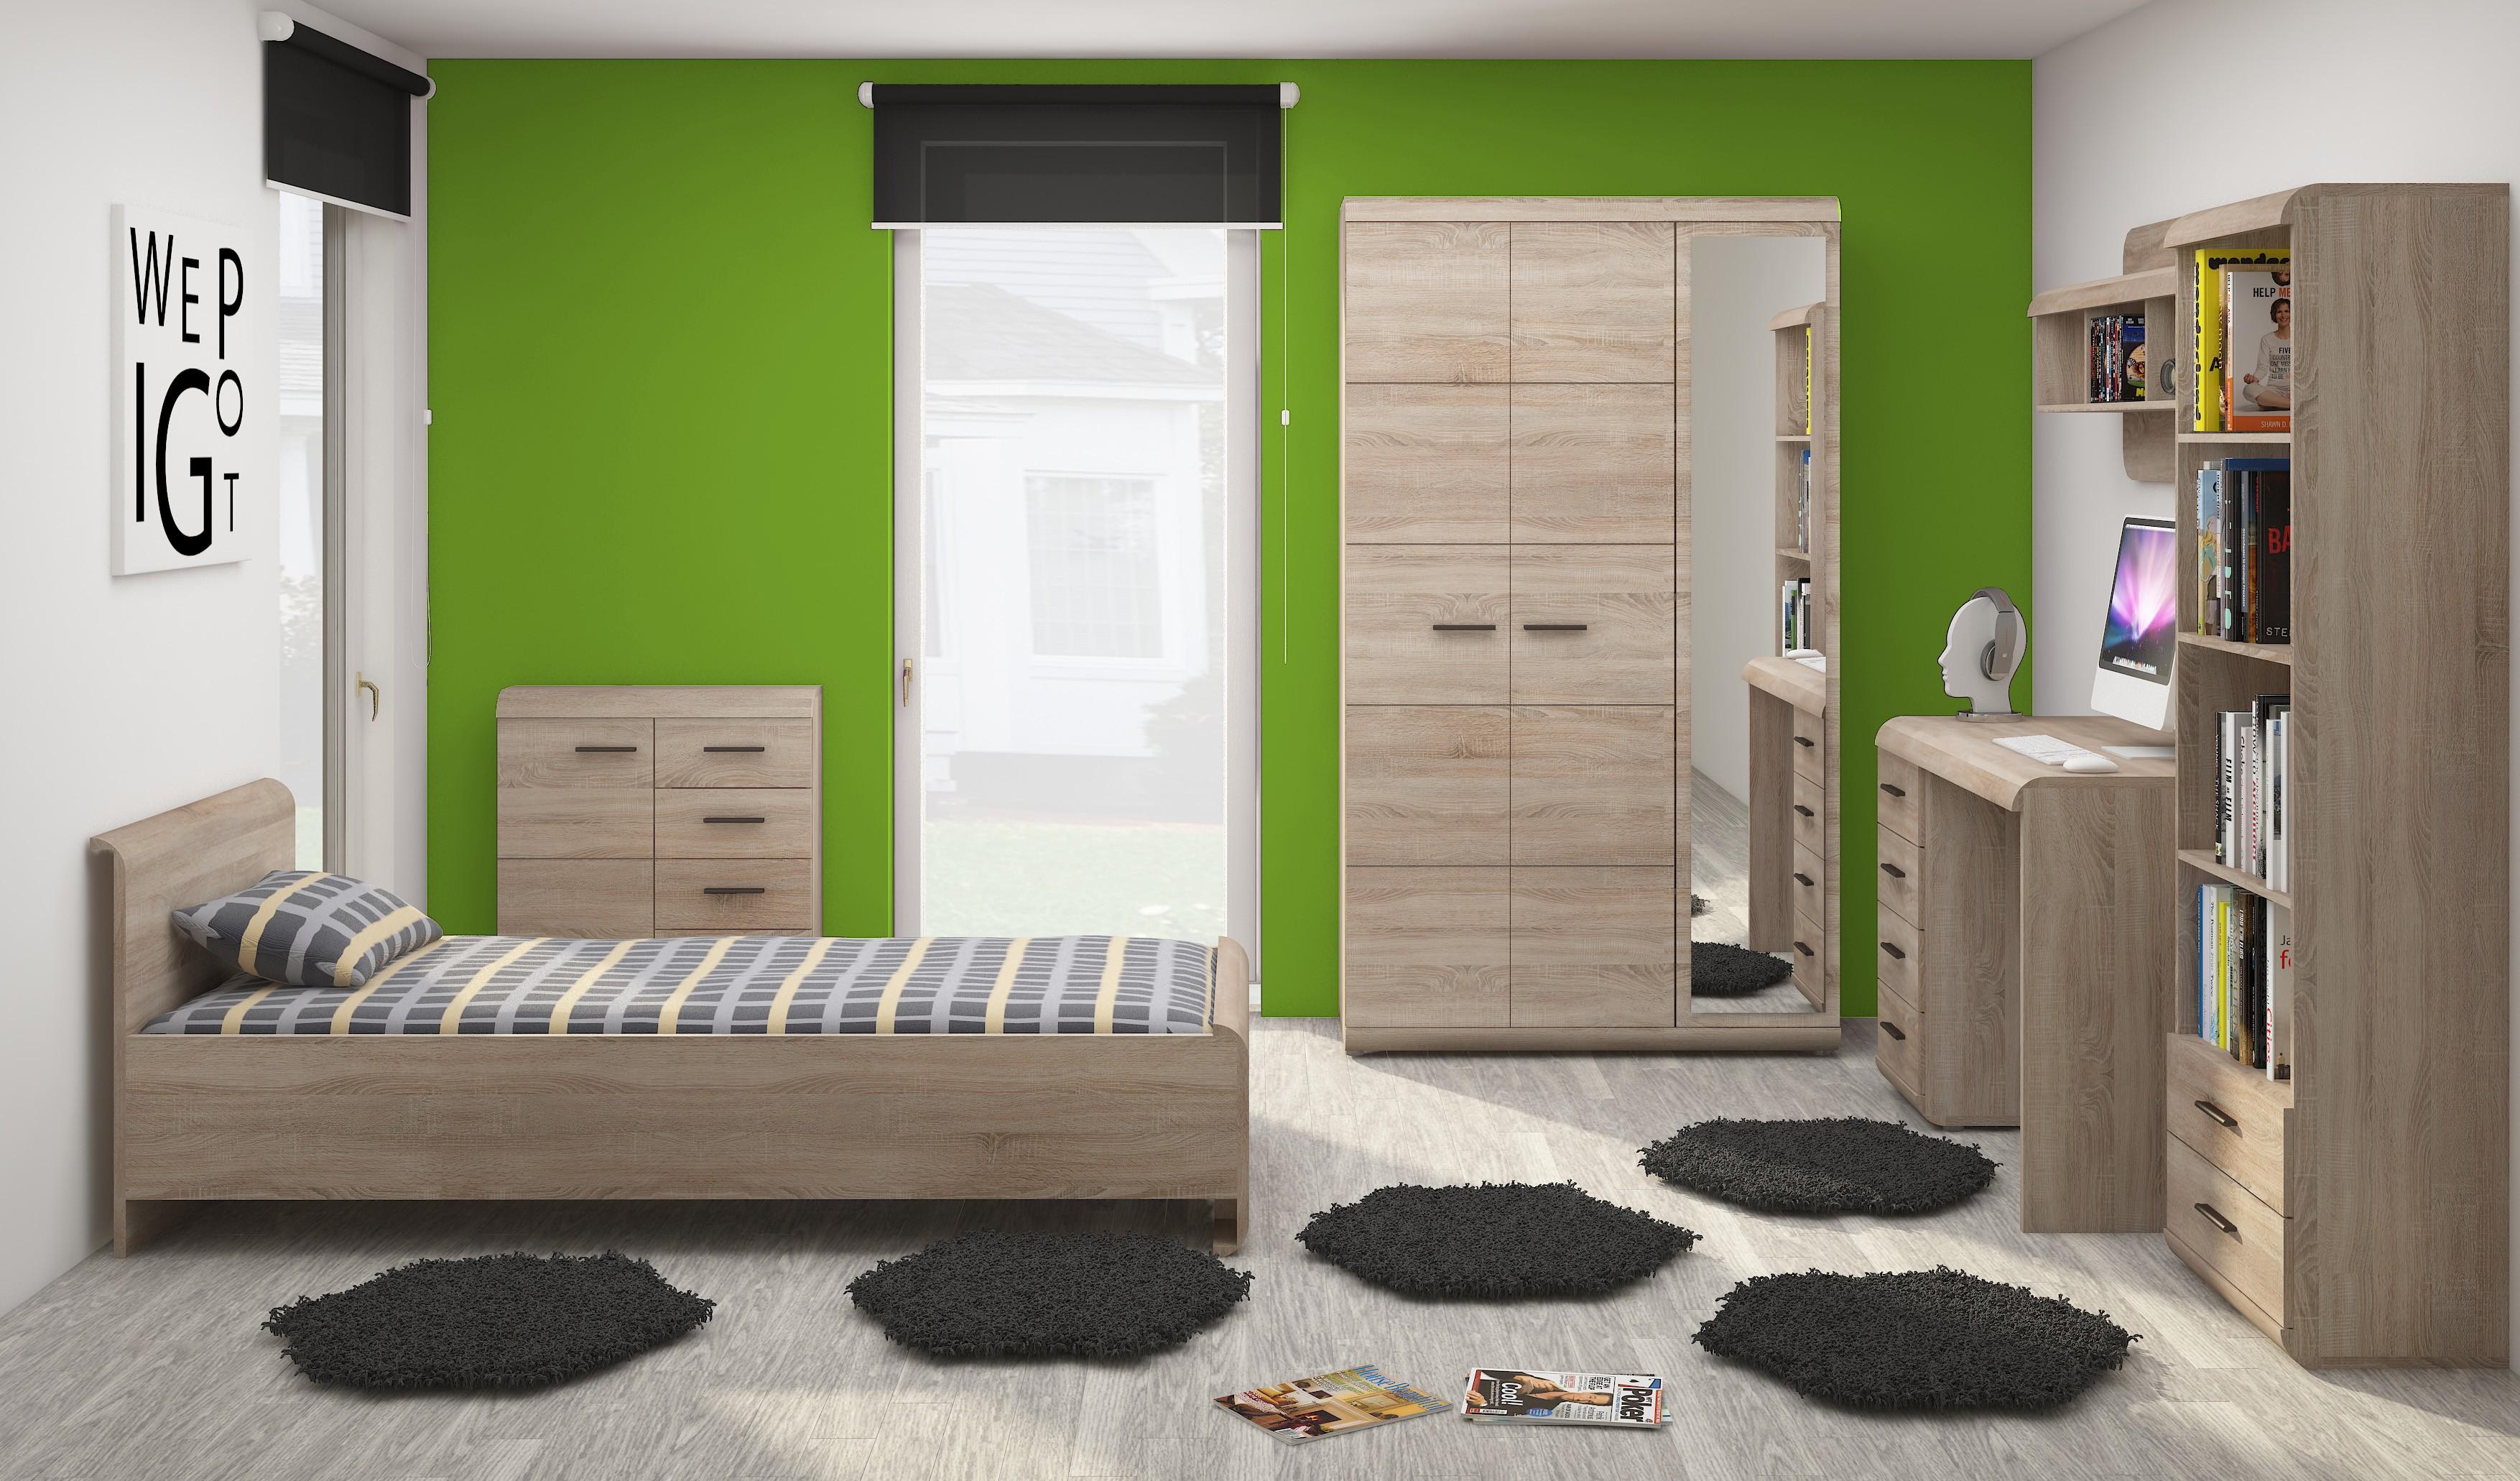 LAYER detská/študentská izba